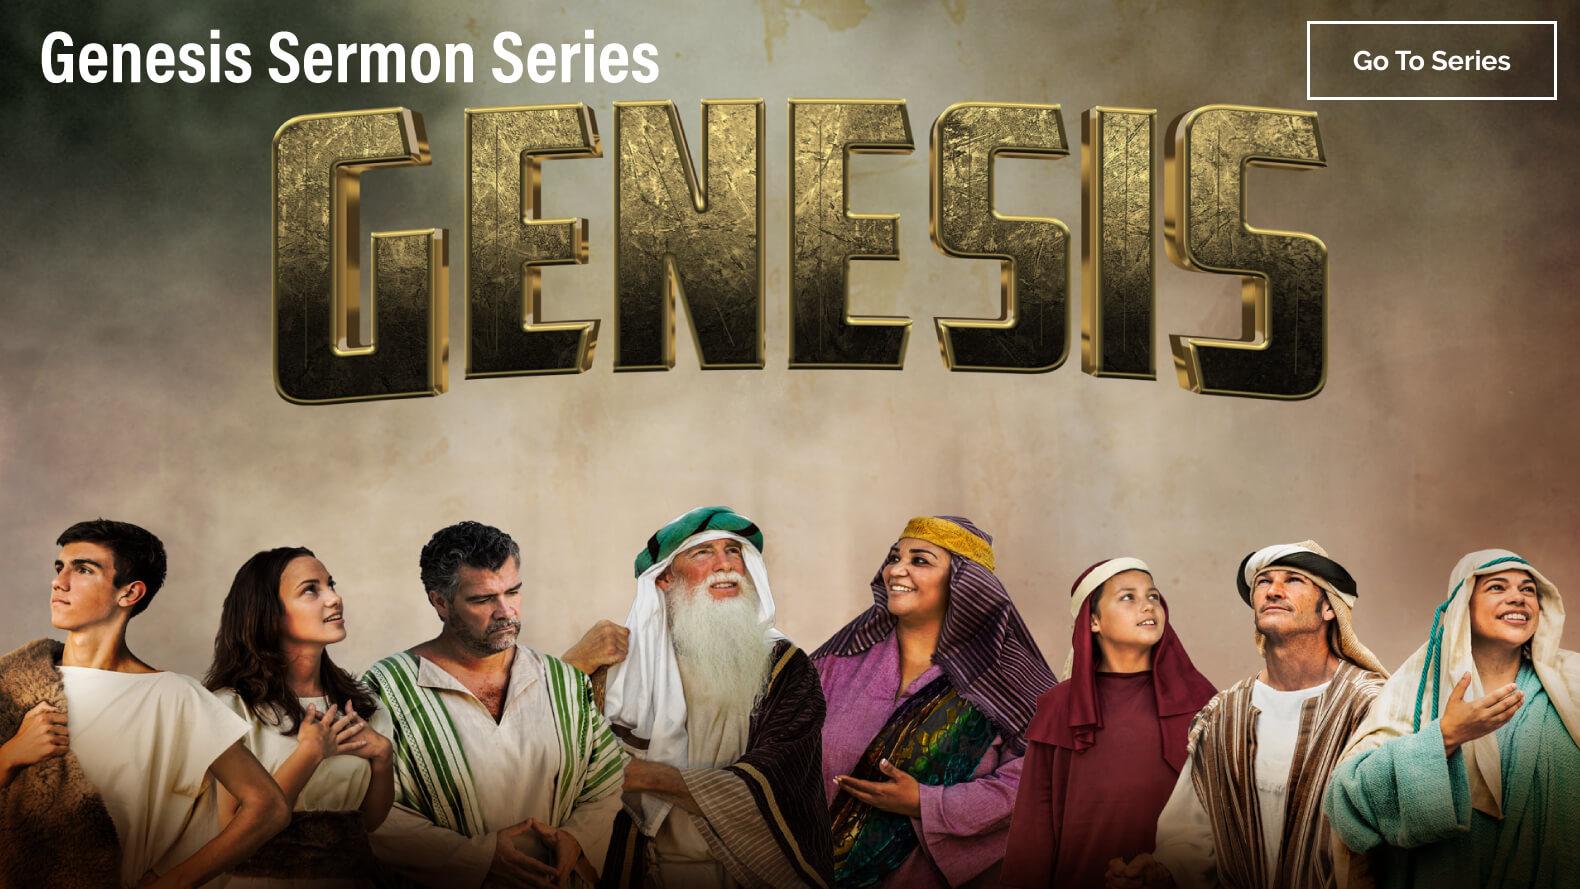 Genesis-Sermon-Series-Image